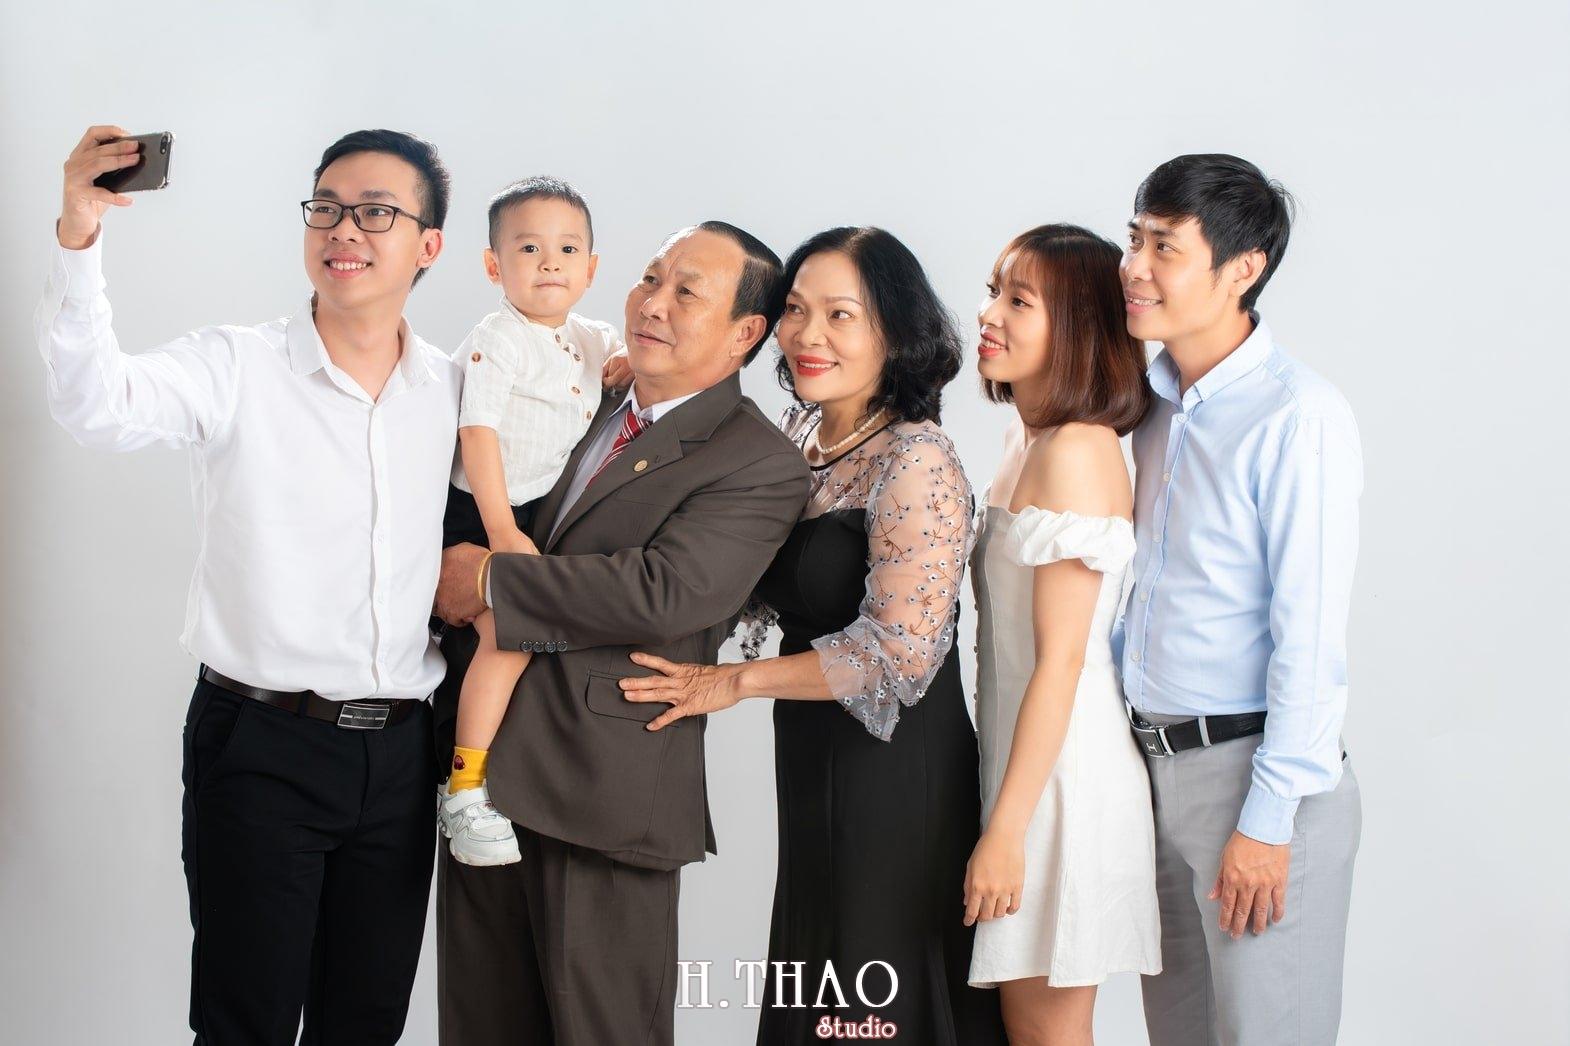 Anh gia dinh 3 - Dịch vụ chụp ảnh kỷ niệm ngày cưới - HThao Studio